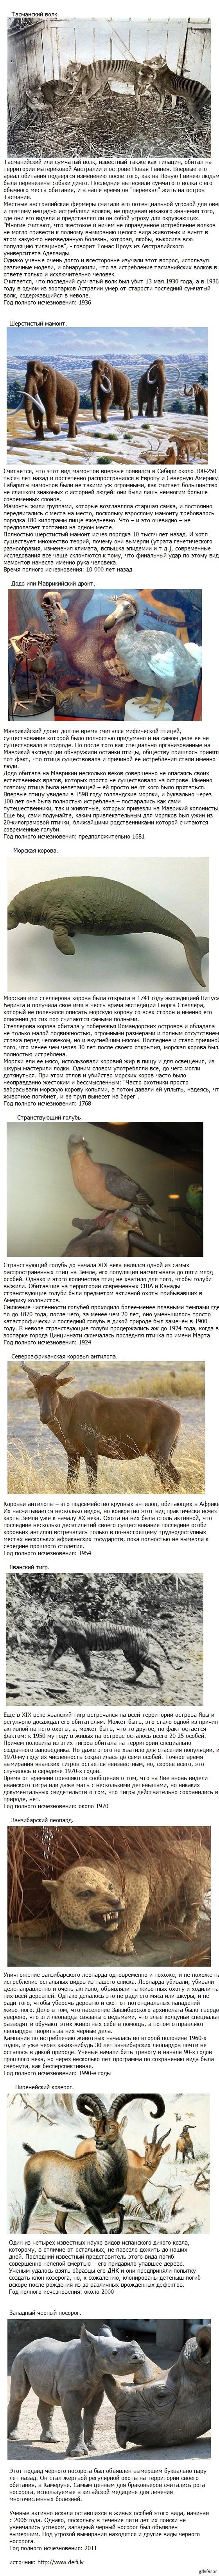 10 видов животных, которые истребил человек Вдохновился постом о редких животных